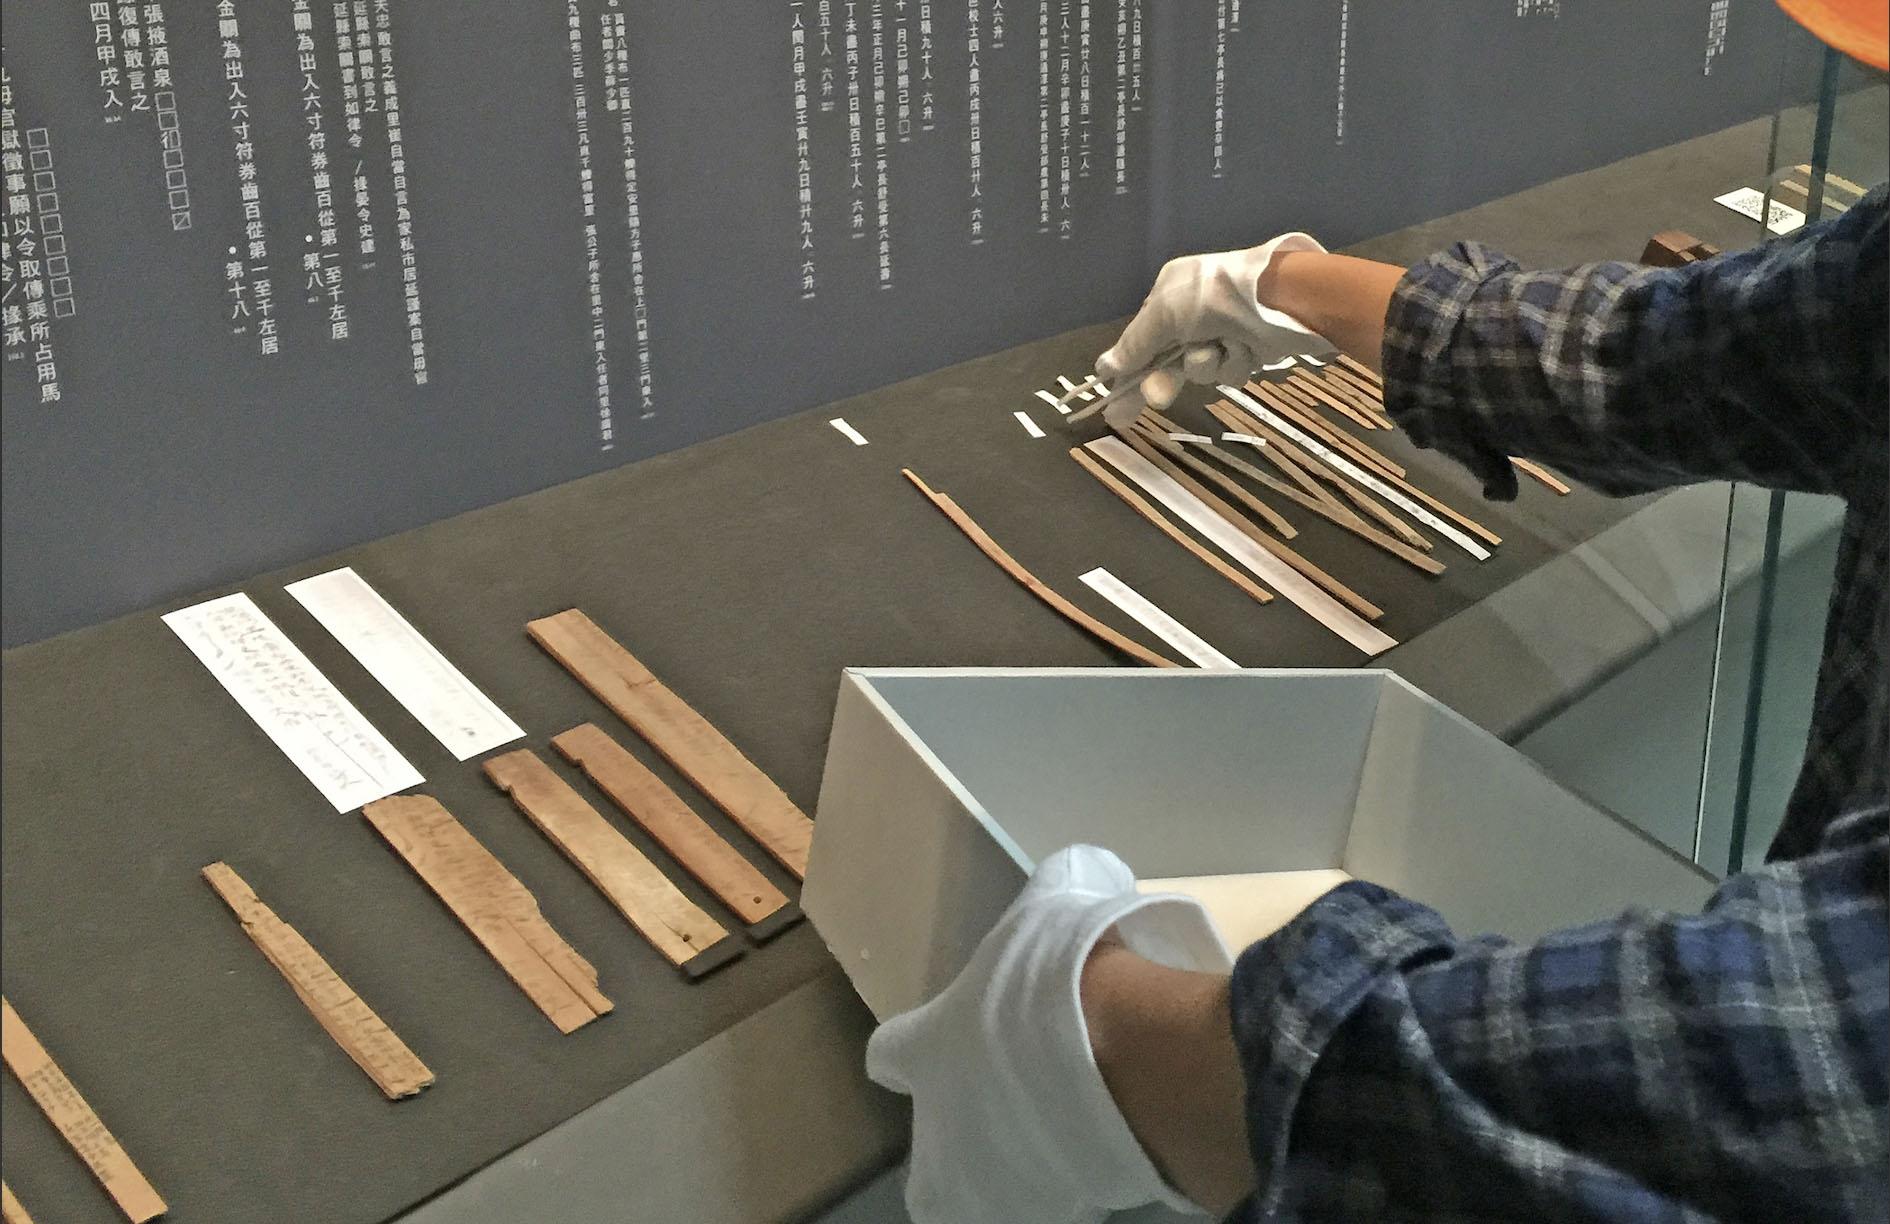 簡牘文書是古人書寫在竹木片的紀錄,但這些珍貴文獻往往字跡潦草、模糊,很難辨認。2019 年中研院開發出簡牘字典數位資料庫,是研究者重要幫手。今年更與日本五大學研機構合作,蒐齊 150 萬的字形,建置了東亞規模最大的「歷史文字資料庫統合檢索系統」。 圖│研之有物(來源:歷史文物陳列館/中研院開放博物館)